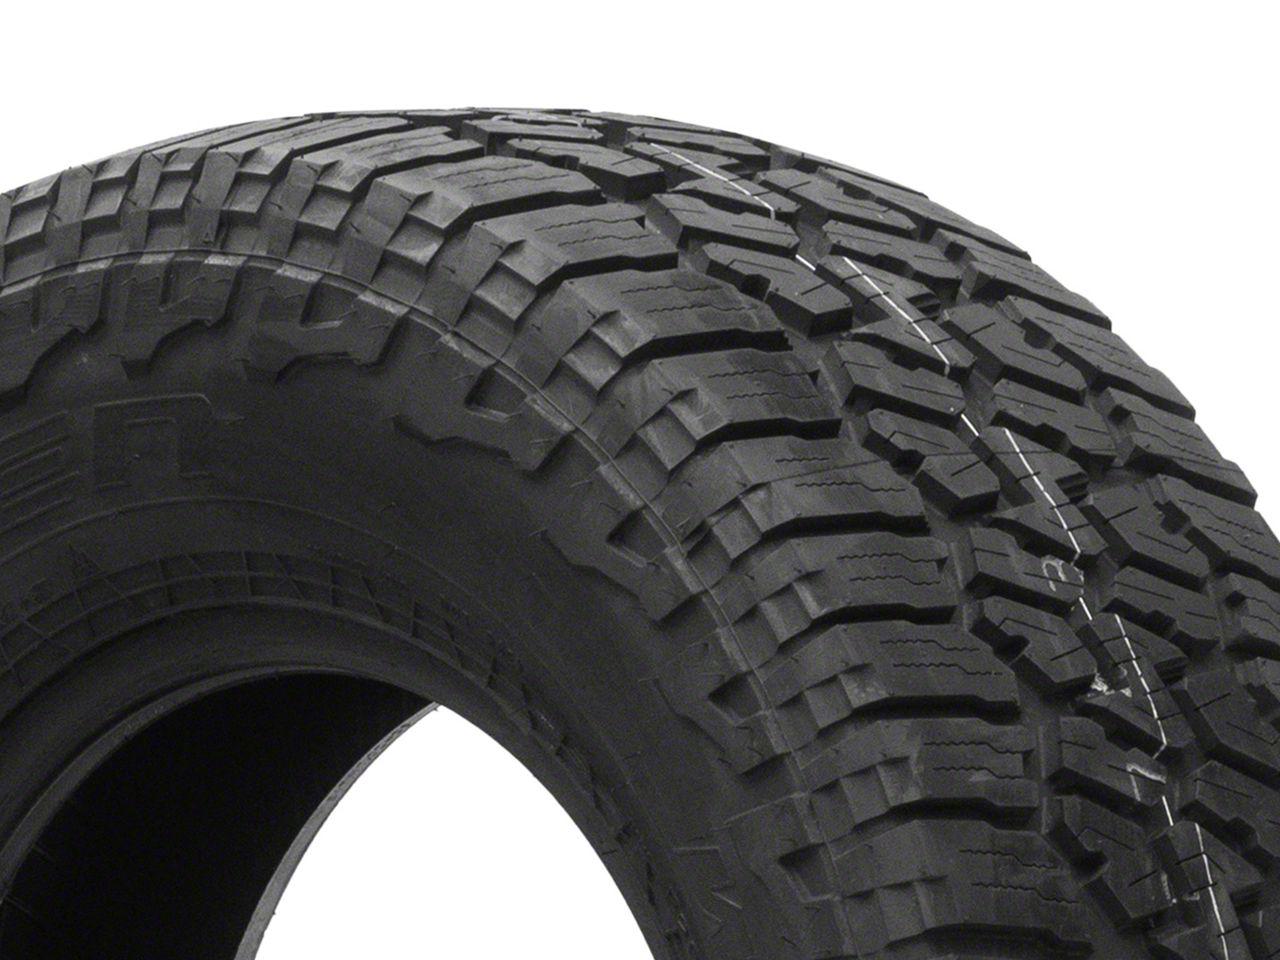 Falken Wildpeak All Terrain Tire - P285/70R17